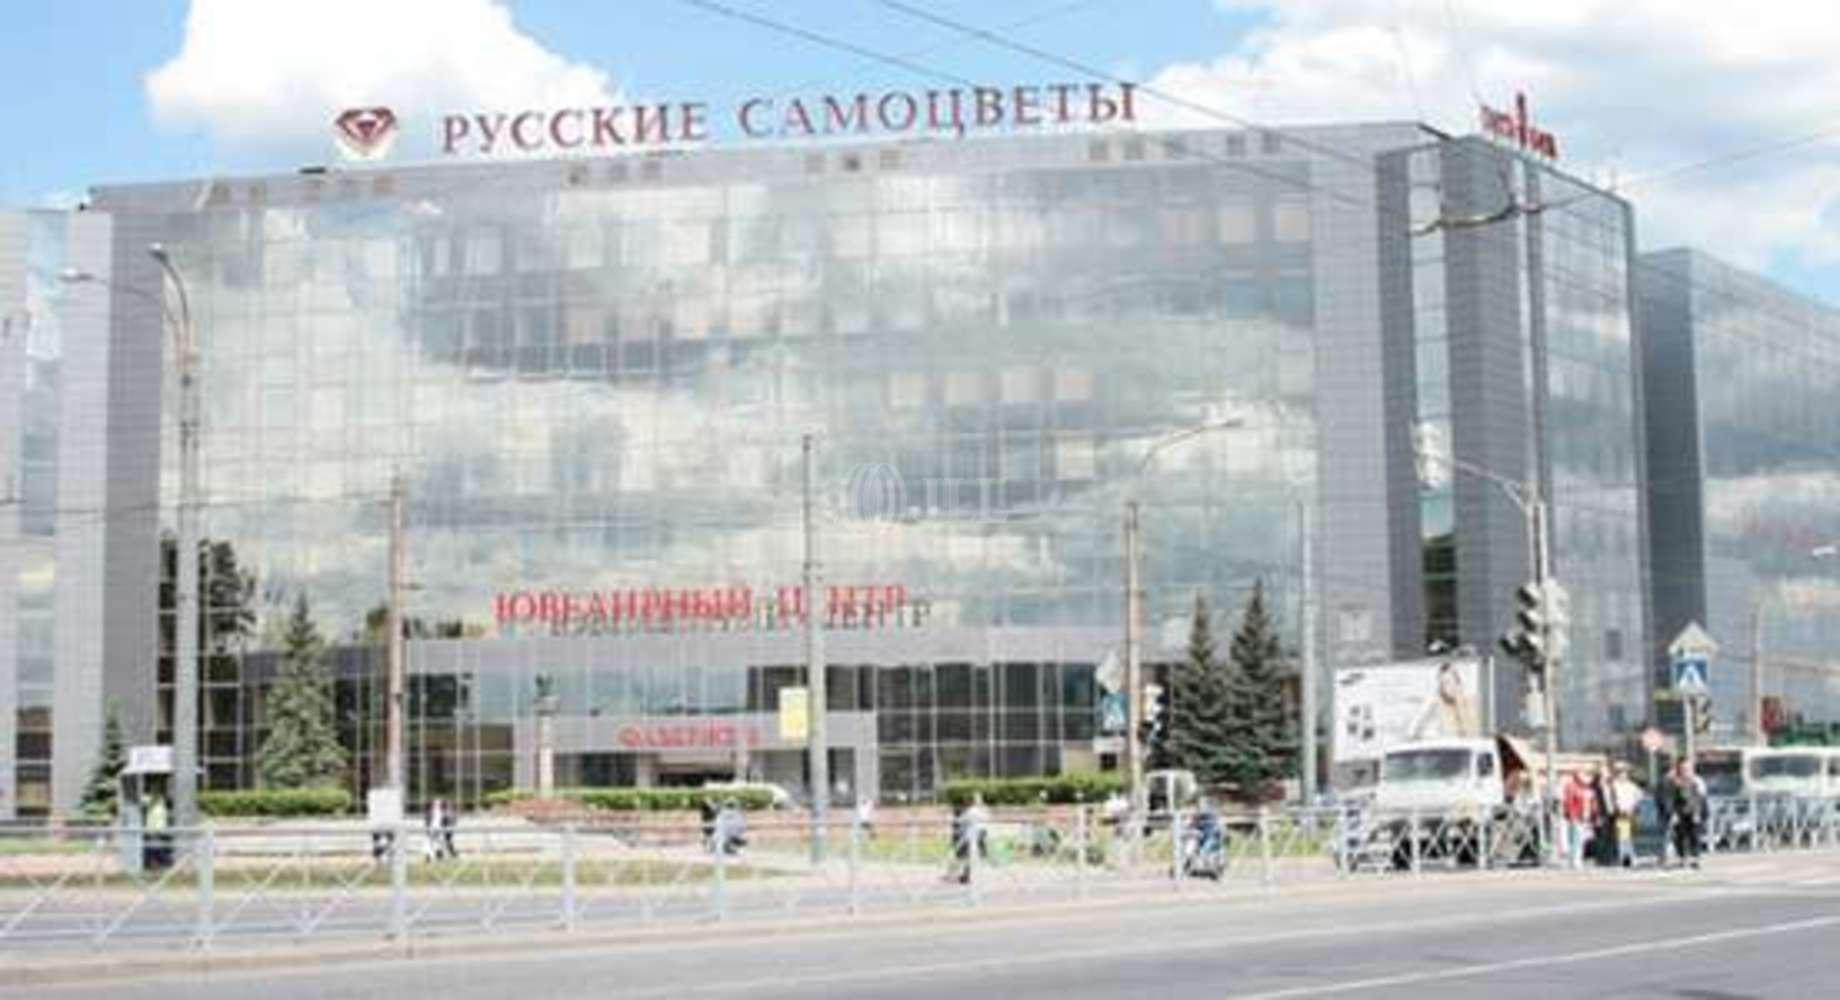 Офисная недвижимость Санкт-петербург,  - Русские Самоцветы I